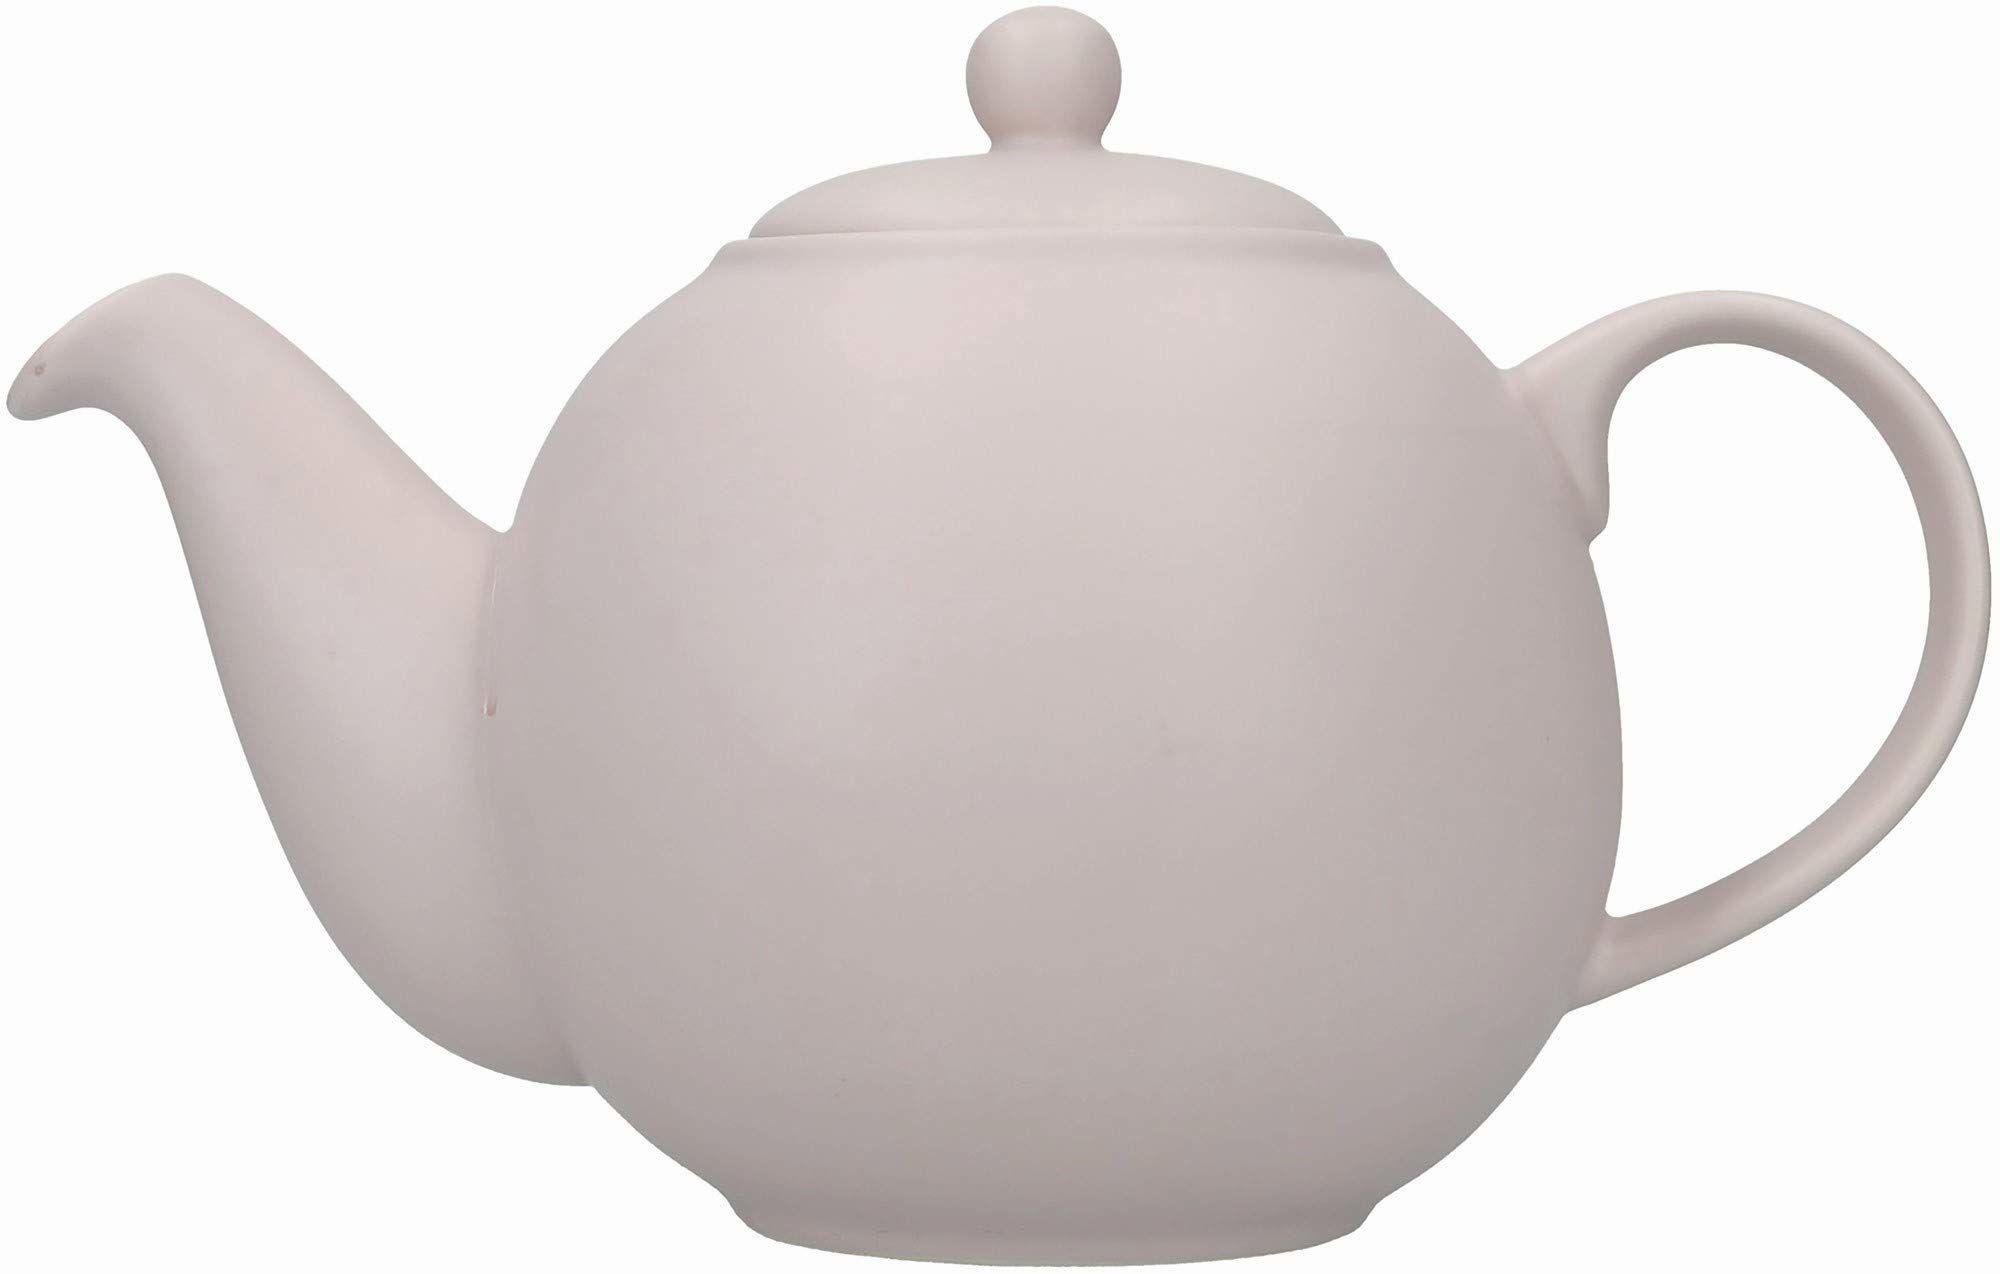 London Pottery Globe duży czajniczek z sitkiem w pudełku upominkowym, ceramiczny, skandynawski różowy, 6 filiżanek (1,2 litra)